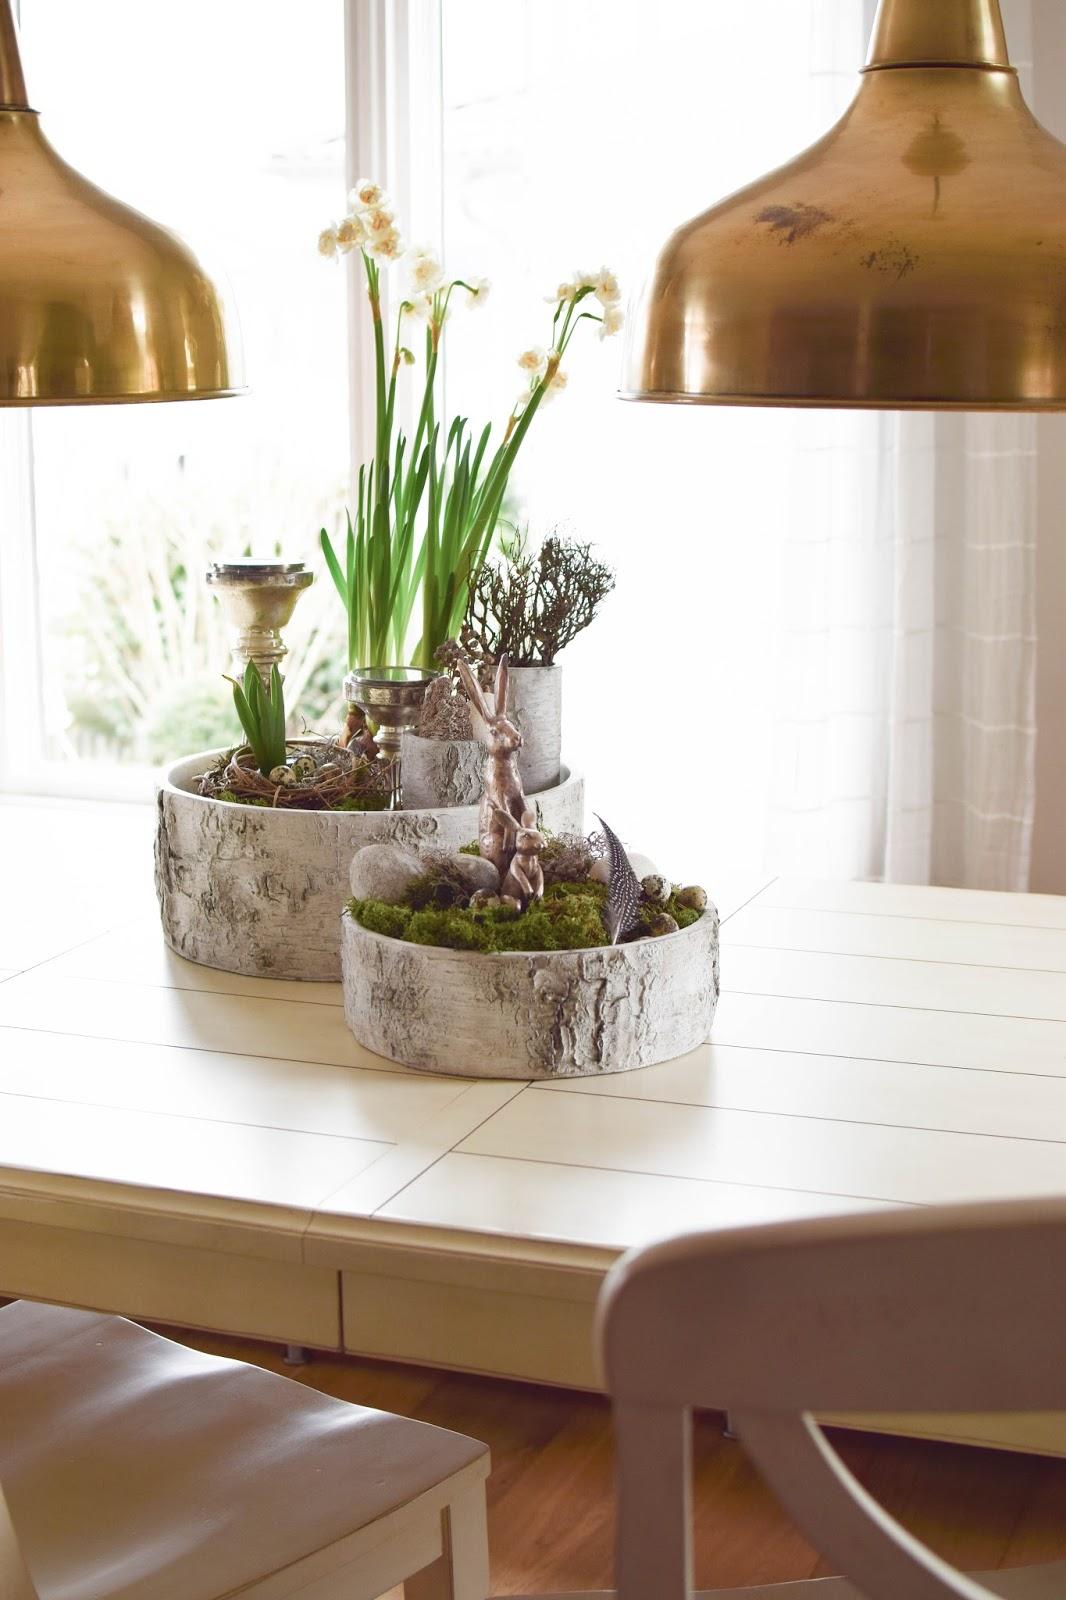 DIY-Schale-fuer-fruehling-ostern-Osteridee-Tischdeko-mit-Moos-Eier-Hase-Osterhase-Naturmaterialien-Dekoidee-Deko-Dekoration